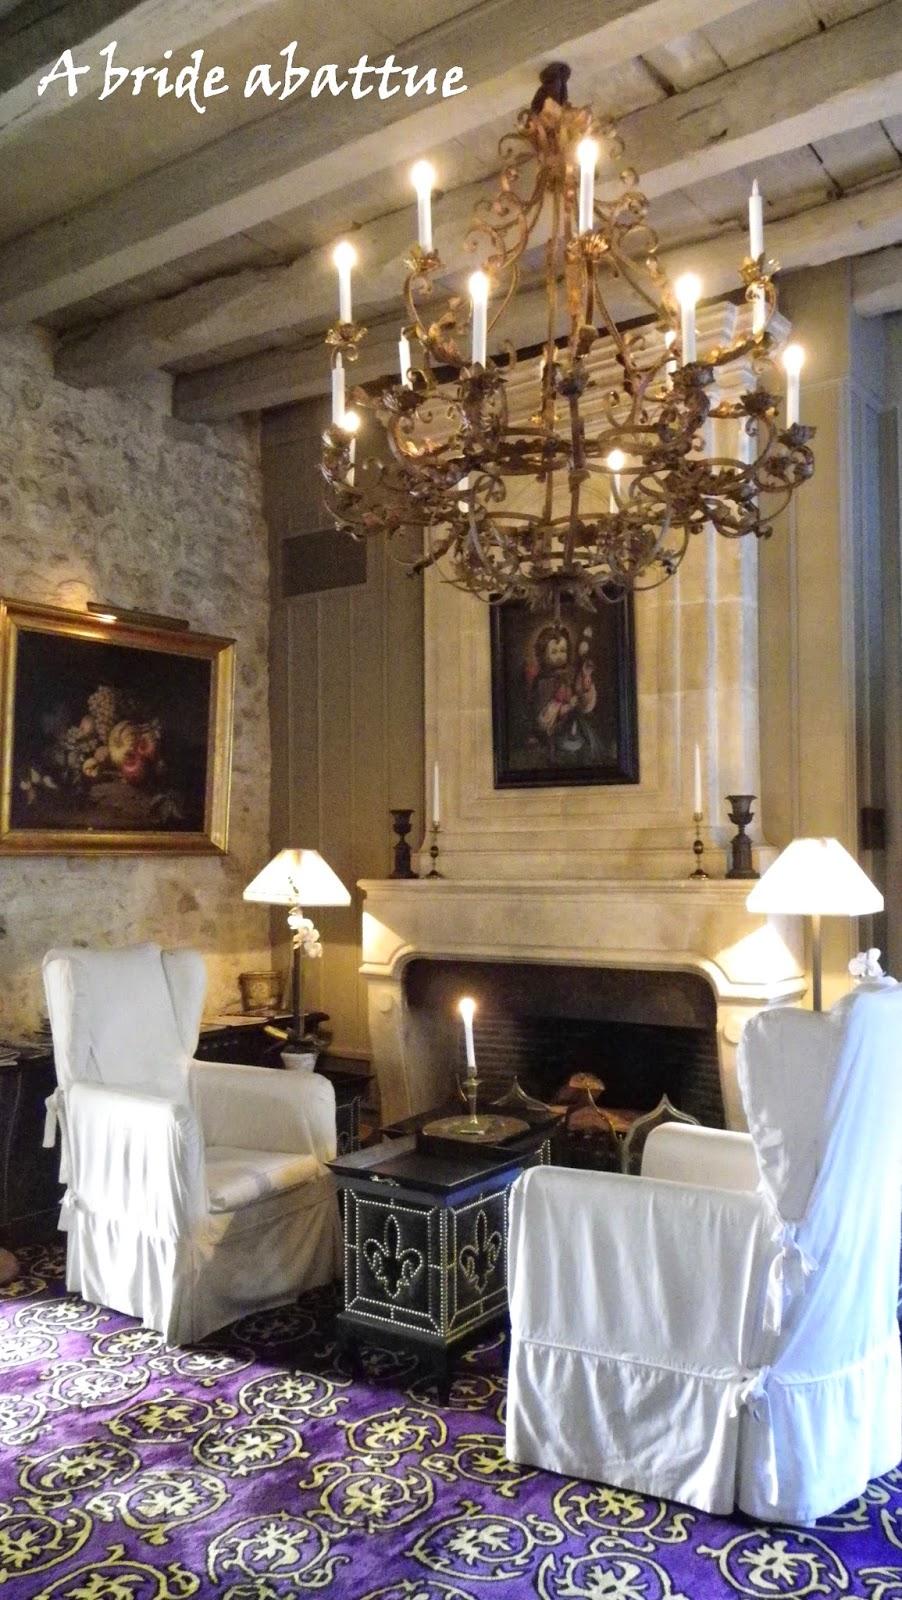 A bride abattue: Séjour chez Michel et Maryse Trama au Relais ...